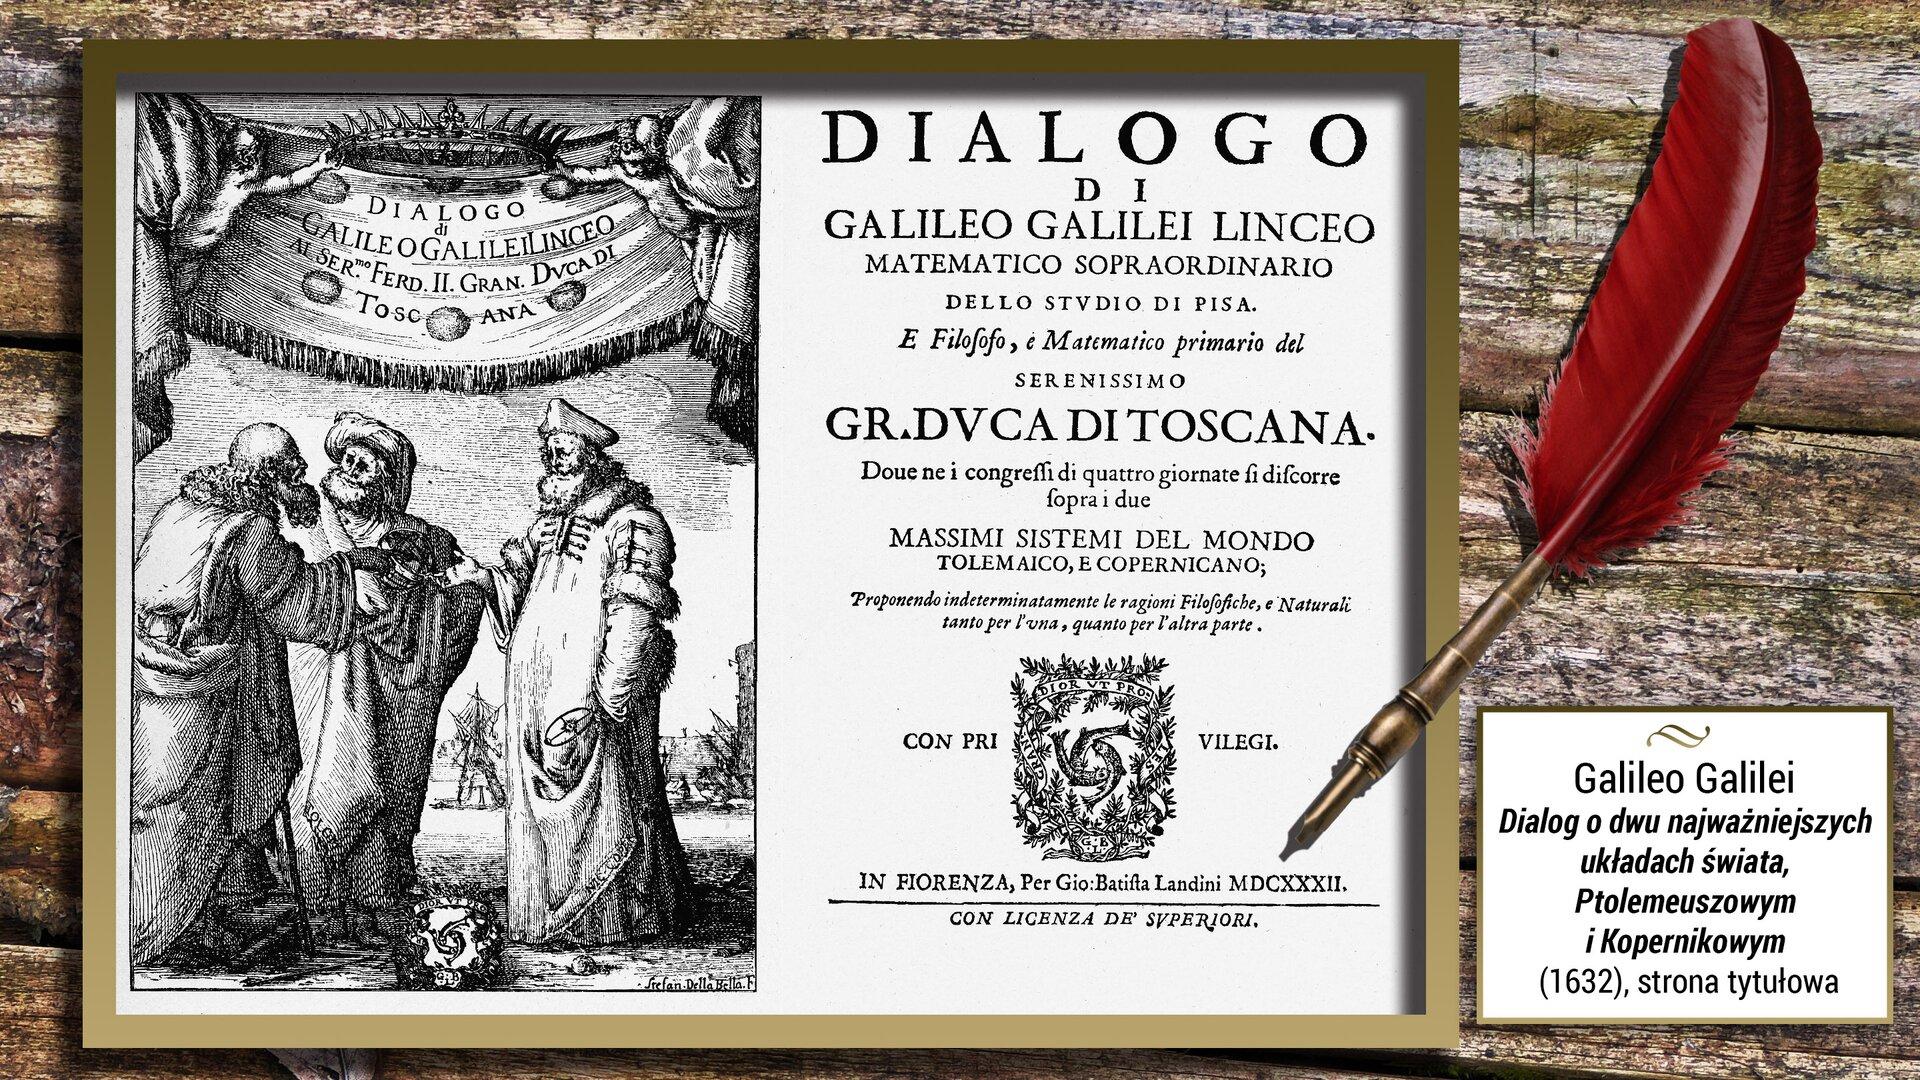 """Czarno-biała ilustracja przedstawia stronę tytułową dzieła Galilea Galilei – """"Dialog odwu najważniejszych układach świata, Ptolemeuszowym iKopernikowym"""". Jest ona przedzielona na dwie części. Jej lewą część zajmuje ilustracja przedstawiając trzech mężczyzn rozmawiających ze sobą. Nad nimi rozwieszony jest napis znazwą dzieła. Prawa część jest kompozycją typograficzną."""